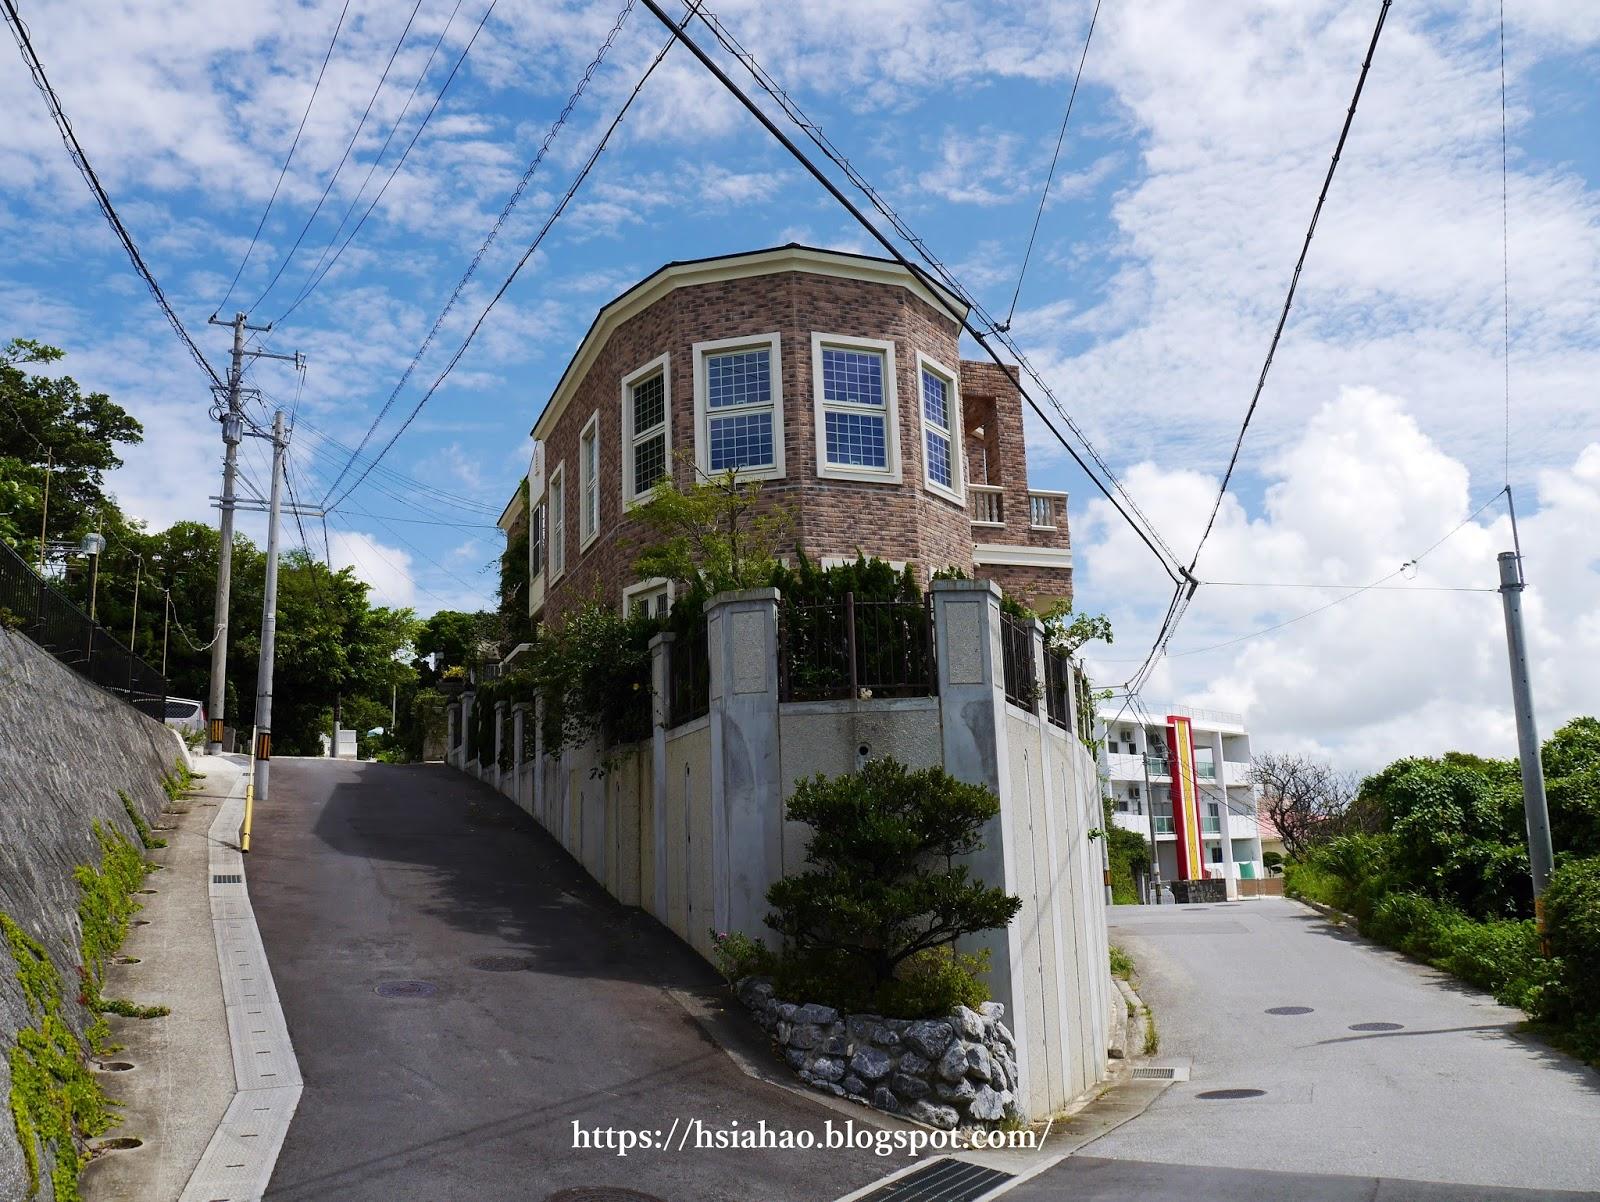 沖繩-景點-金城町石畳道-首里城-自由行-旅遊-旅行-Okinawa-Naha-Shuri-Kinjōchō-ishidatamimichi